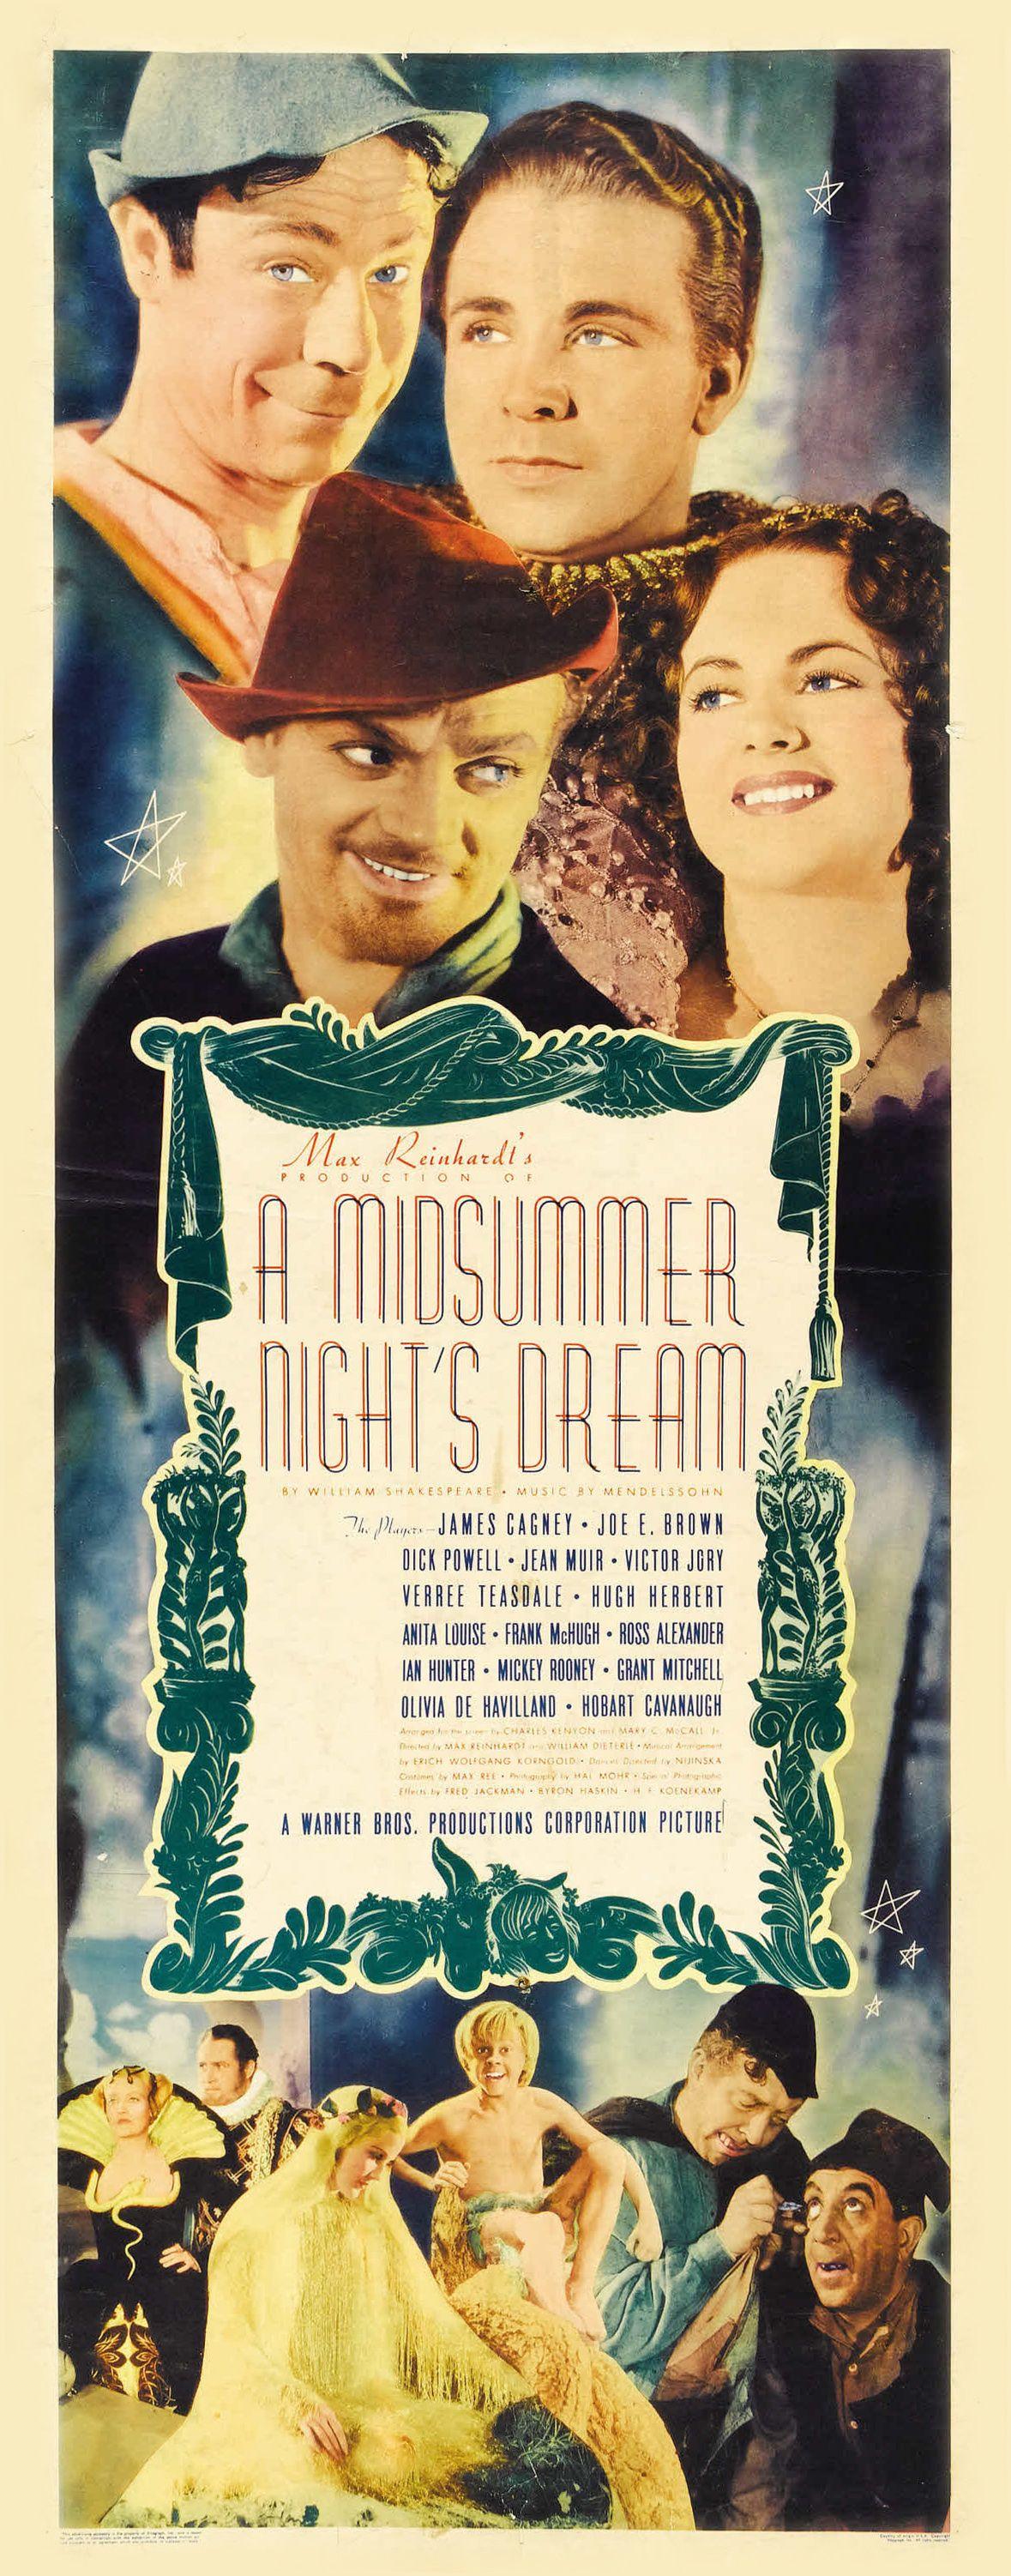 Poster - A Midsummer Night's Dream (1935) | Midsummer nights dream ...